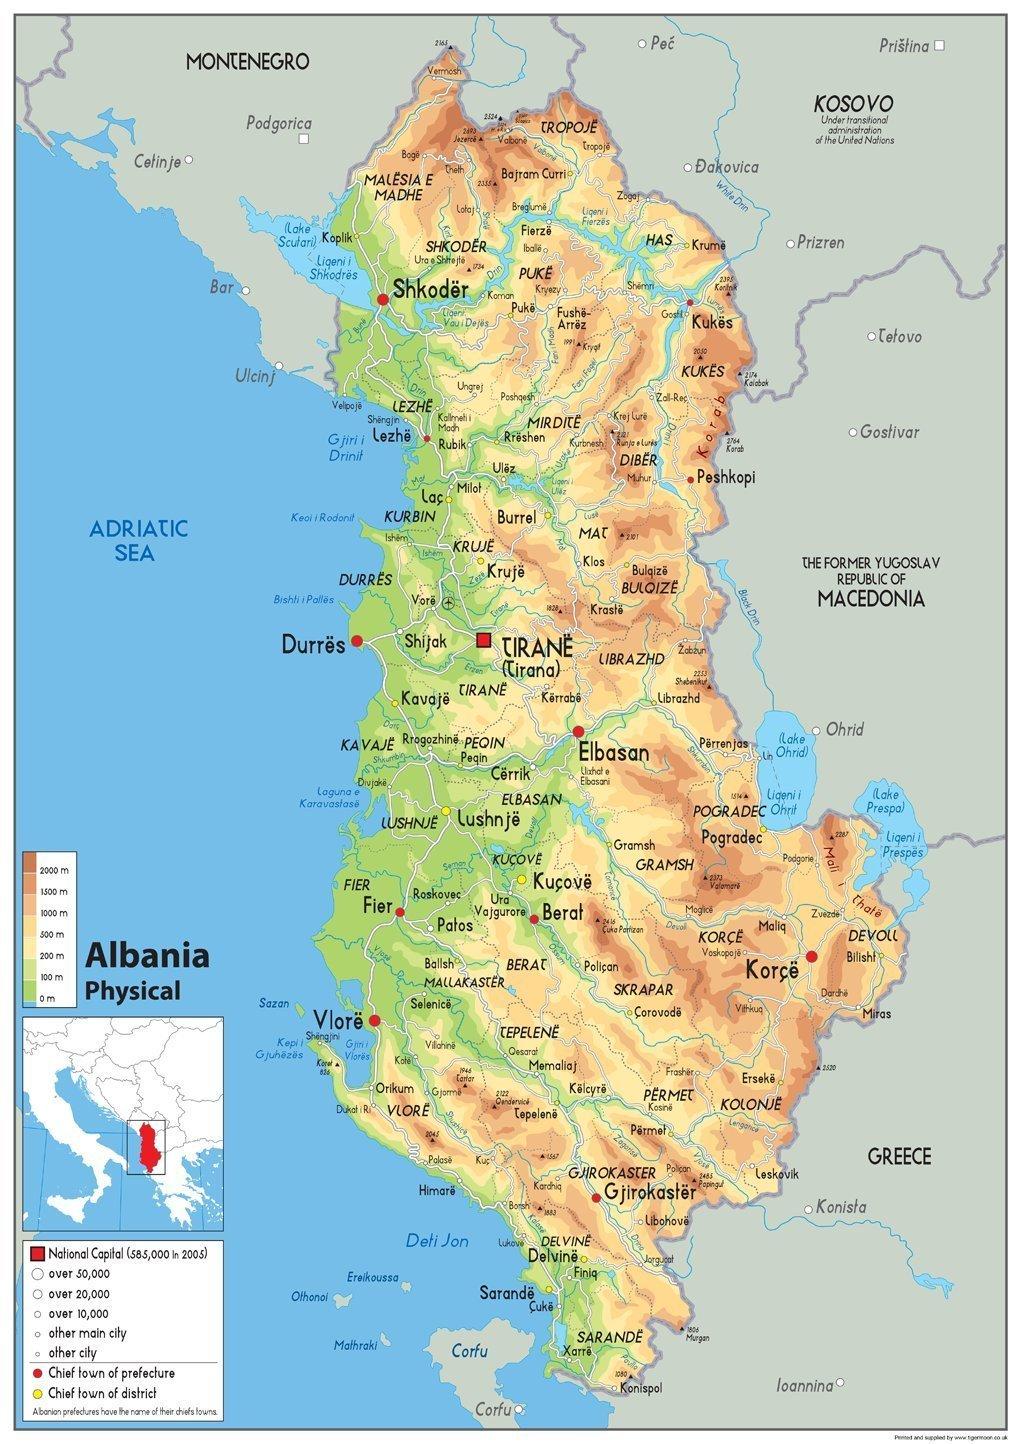 Albania Cartina Geografica.Mappa Fisica Dell Albania Lingua Italiana Non Garantita Carta